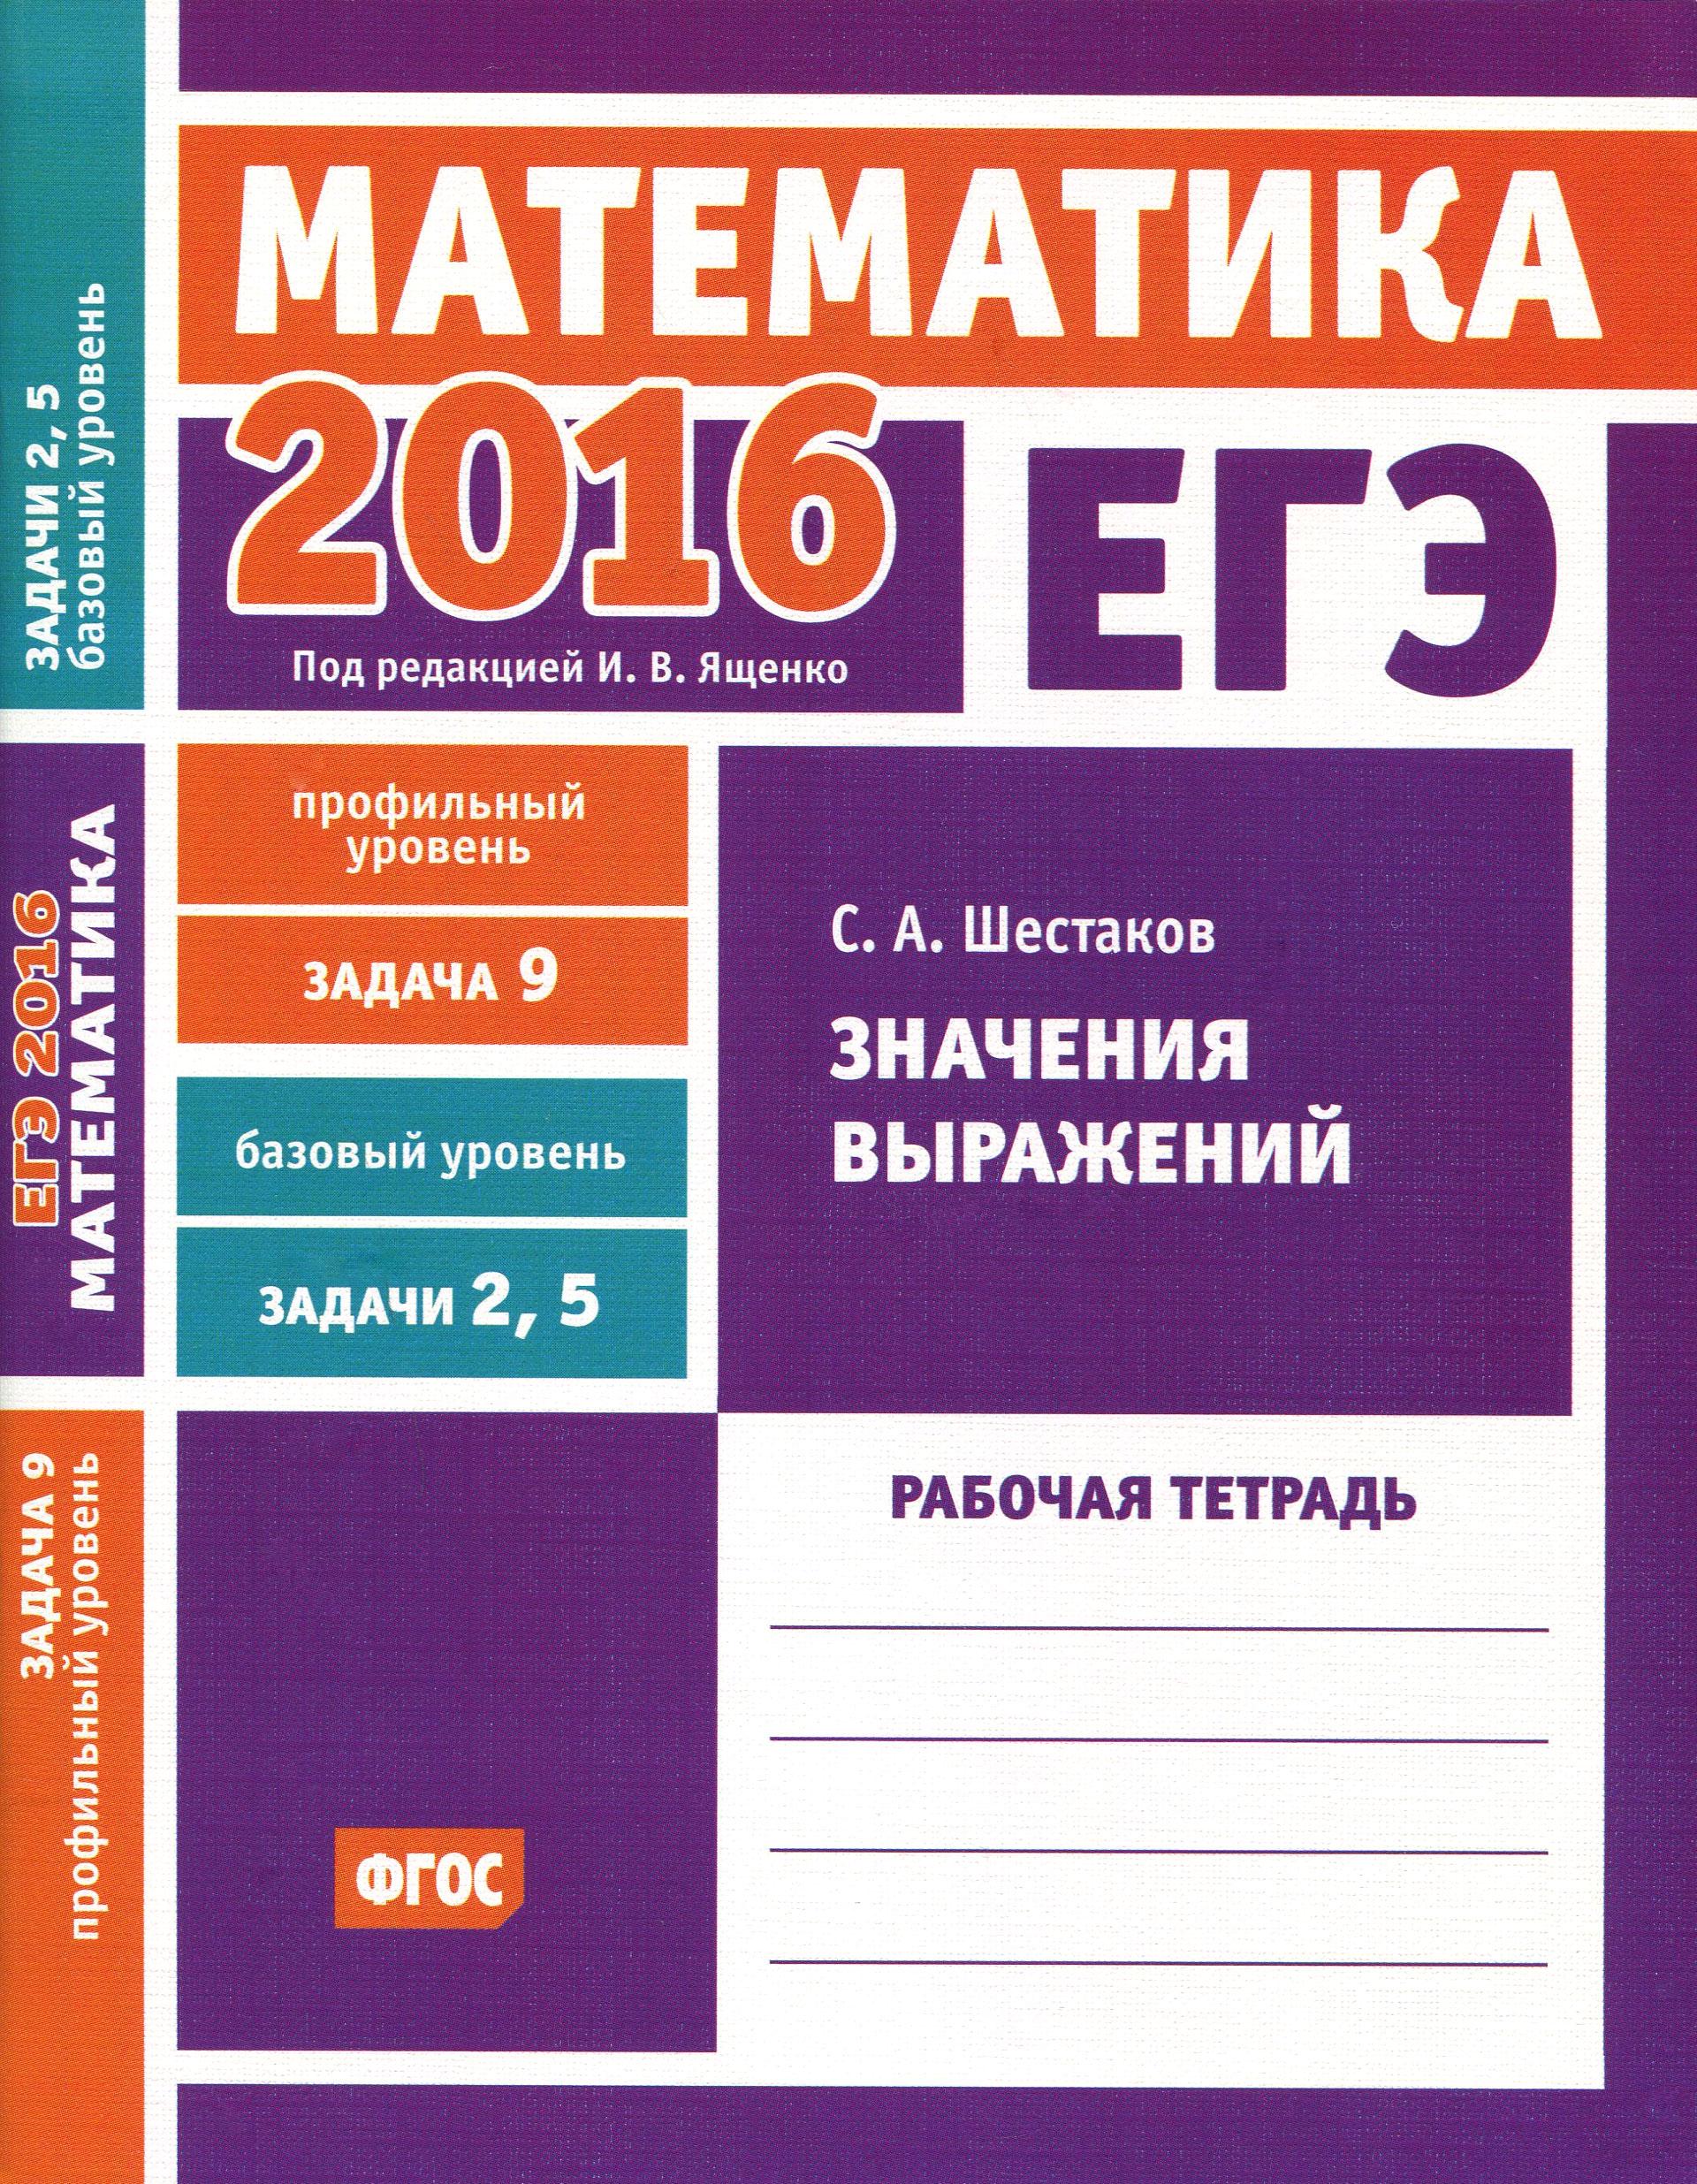 С. А. Шестаков ЕГЭ 2016. Математика. Задача 9. Профильный уровень. Задача 2, 5. Базовый уровень. Значения выражений. Рабочая тетрадь